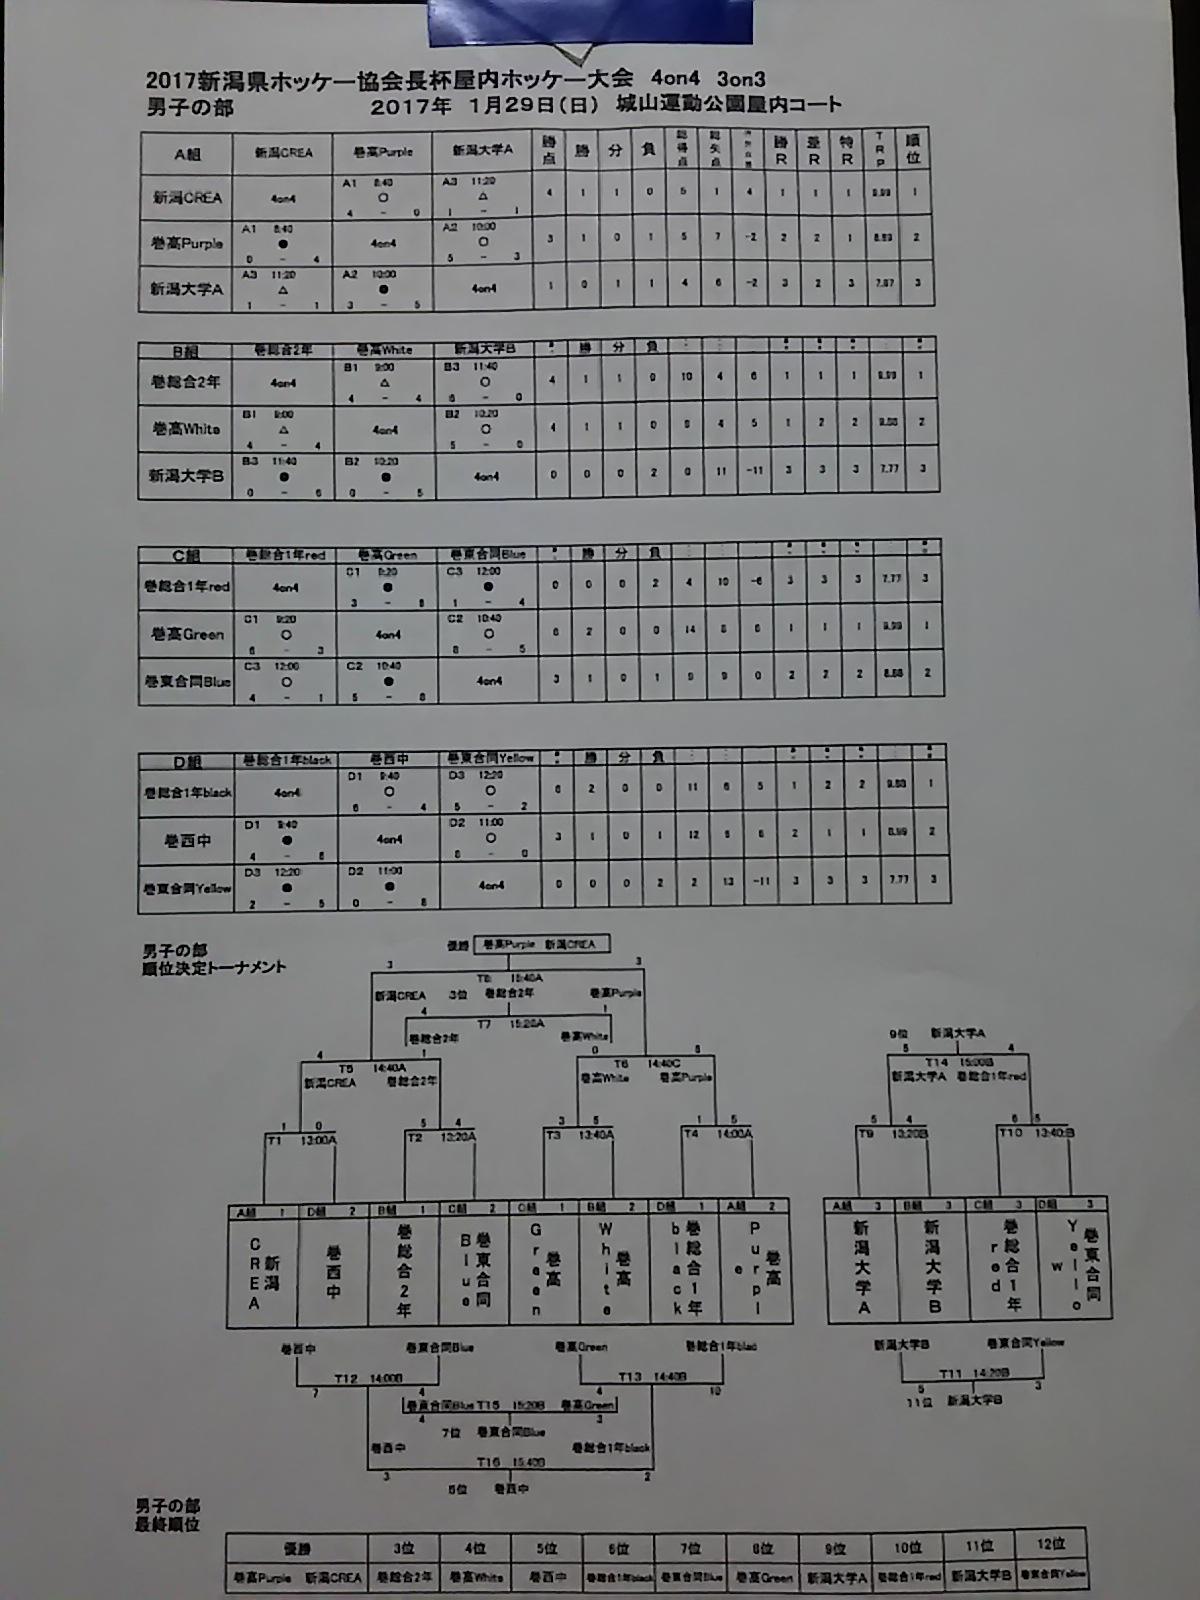 屋内ホッケー大会4on4 男子